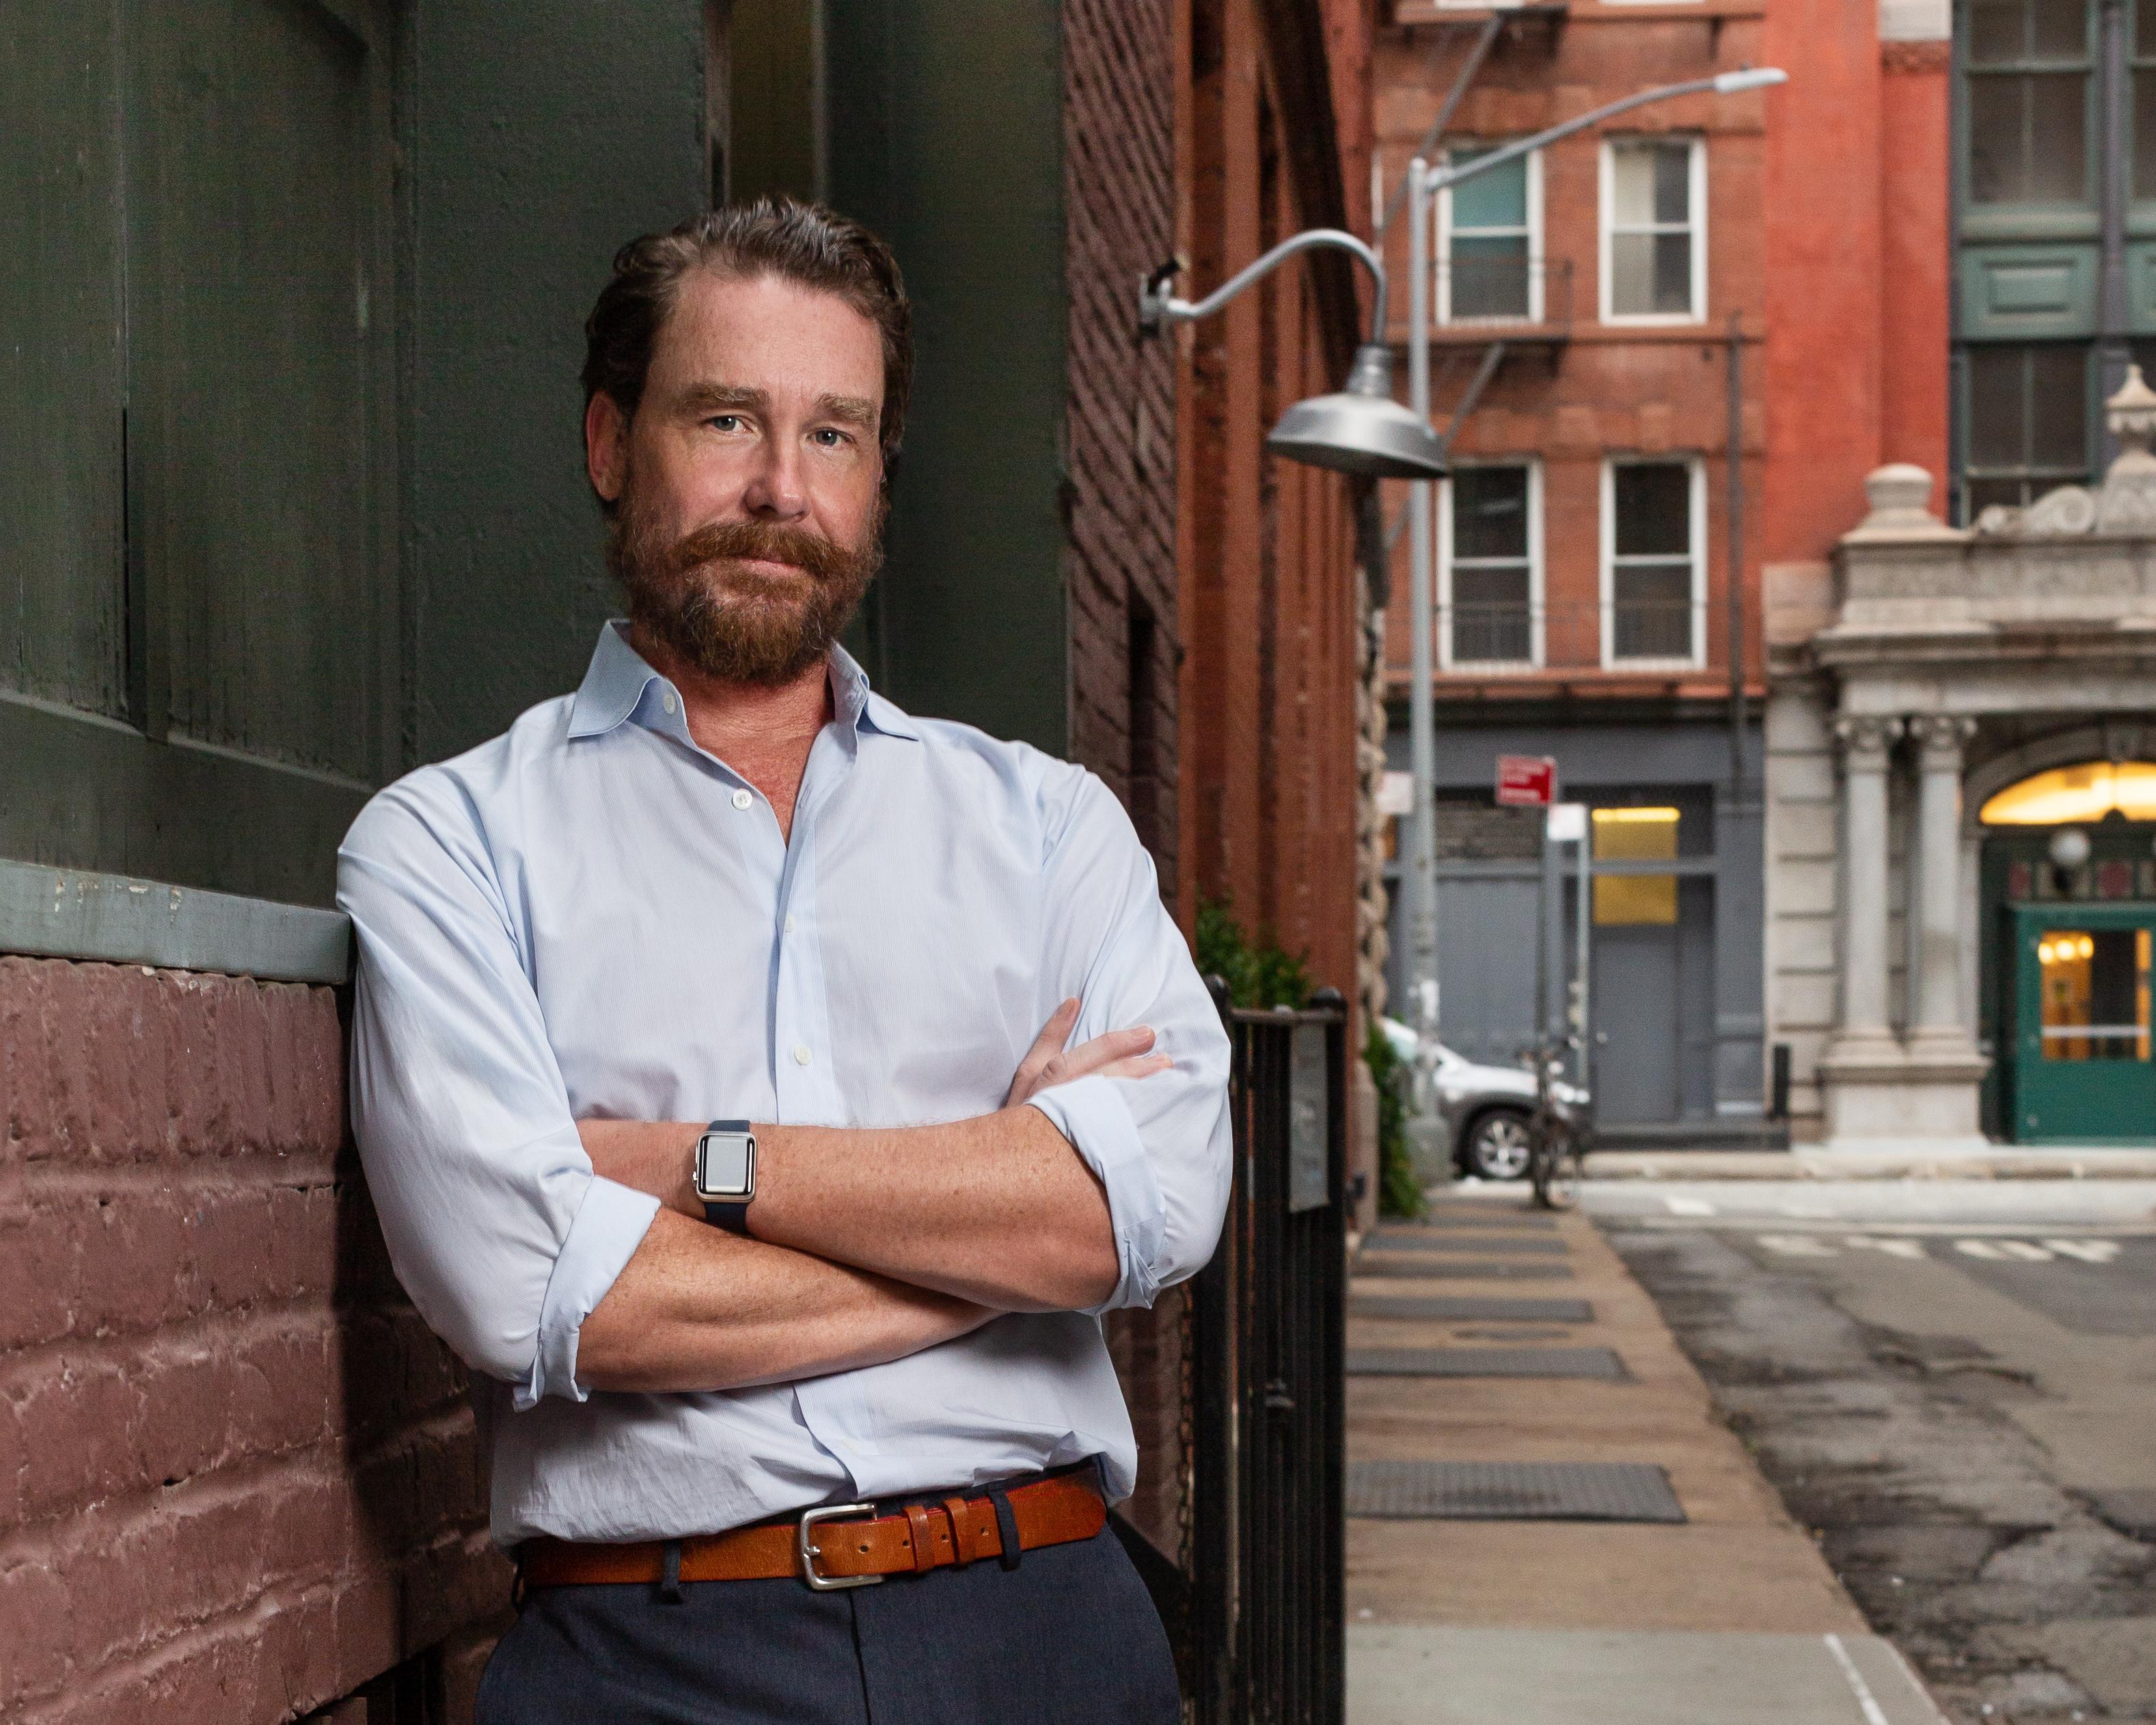 Tribeca Citizen Profile